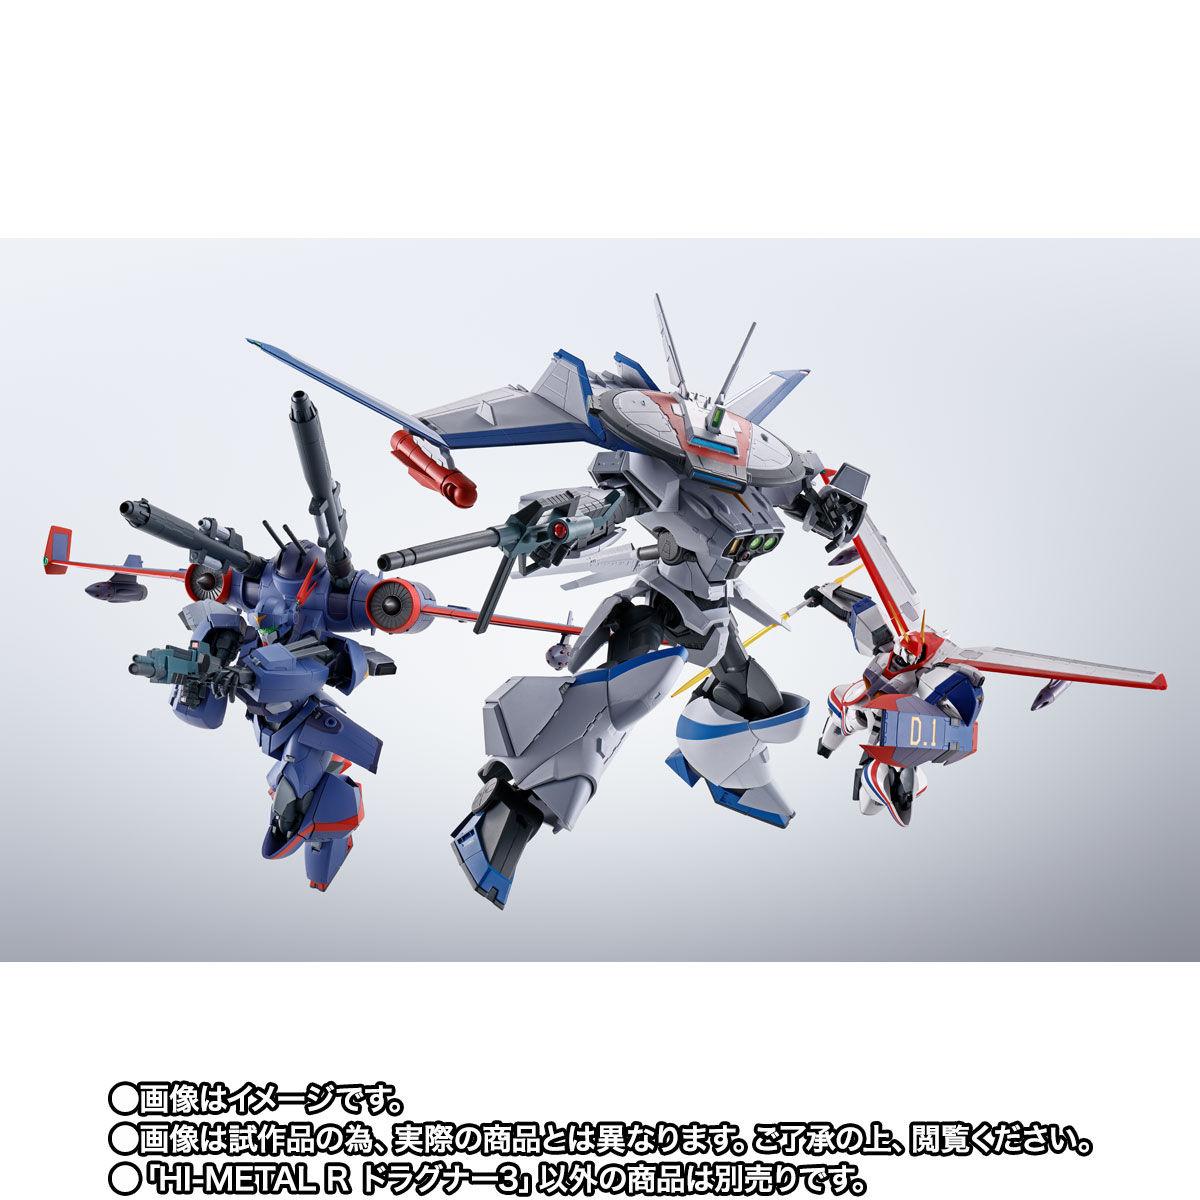 【限定販売】HI-METAL R『ドラグナー3』機甲戦記ドラグナー 可動フィギュア-010